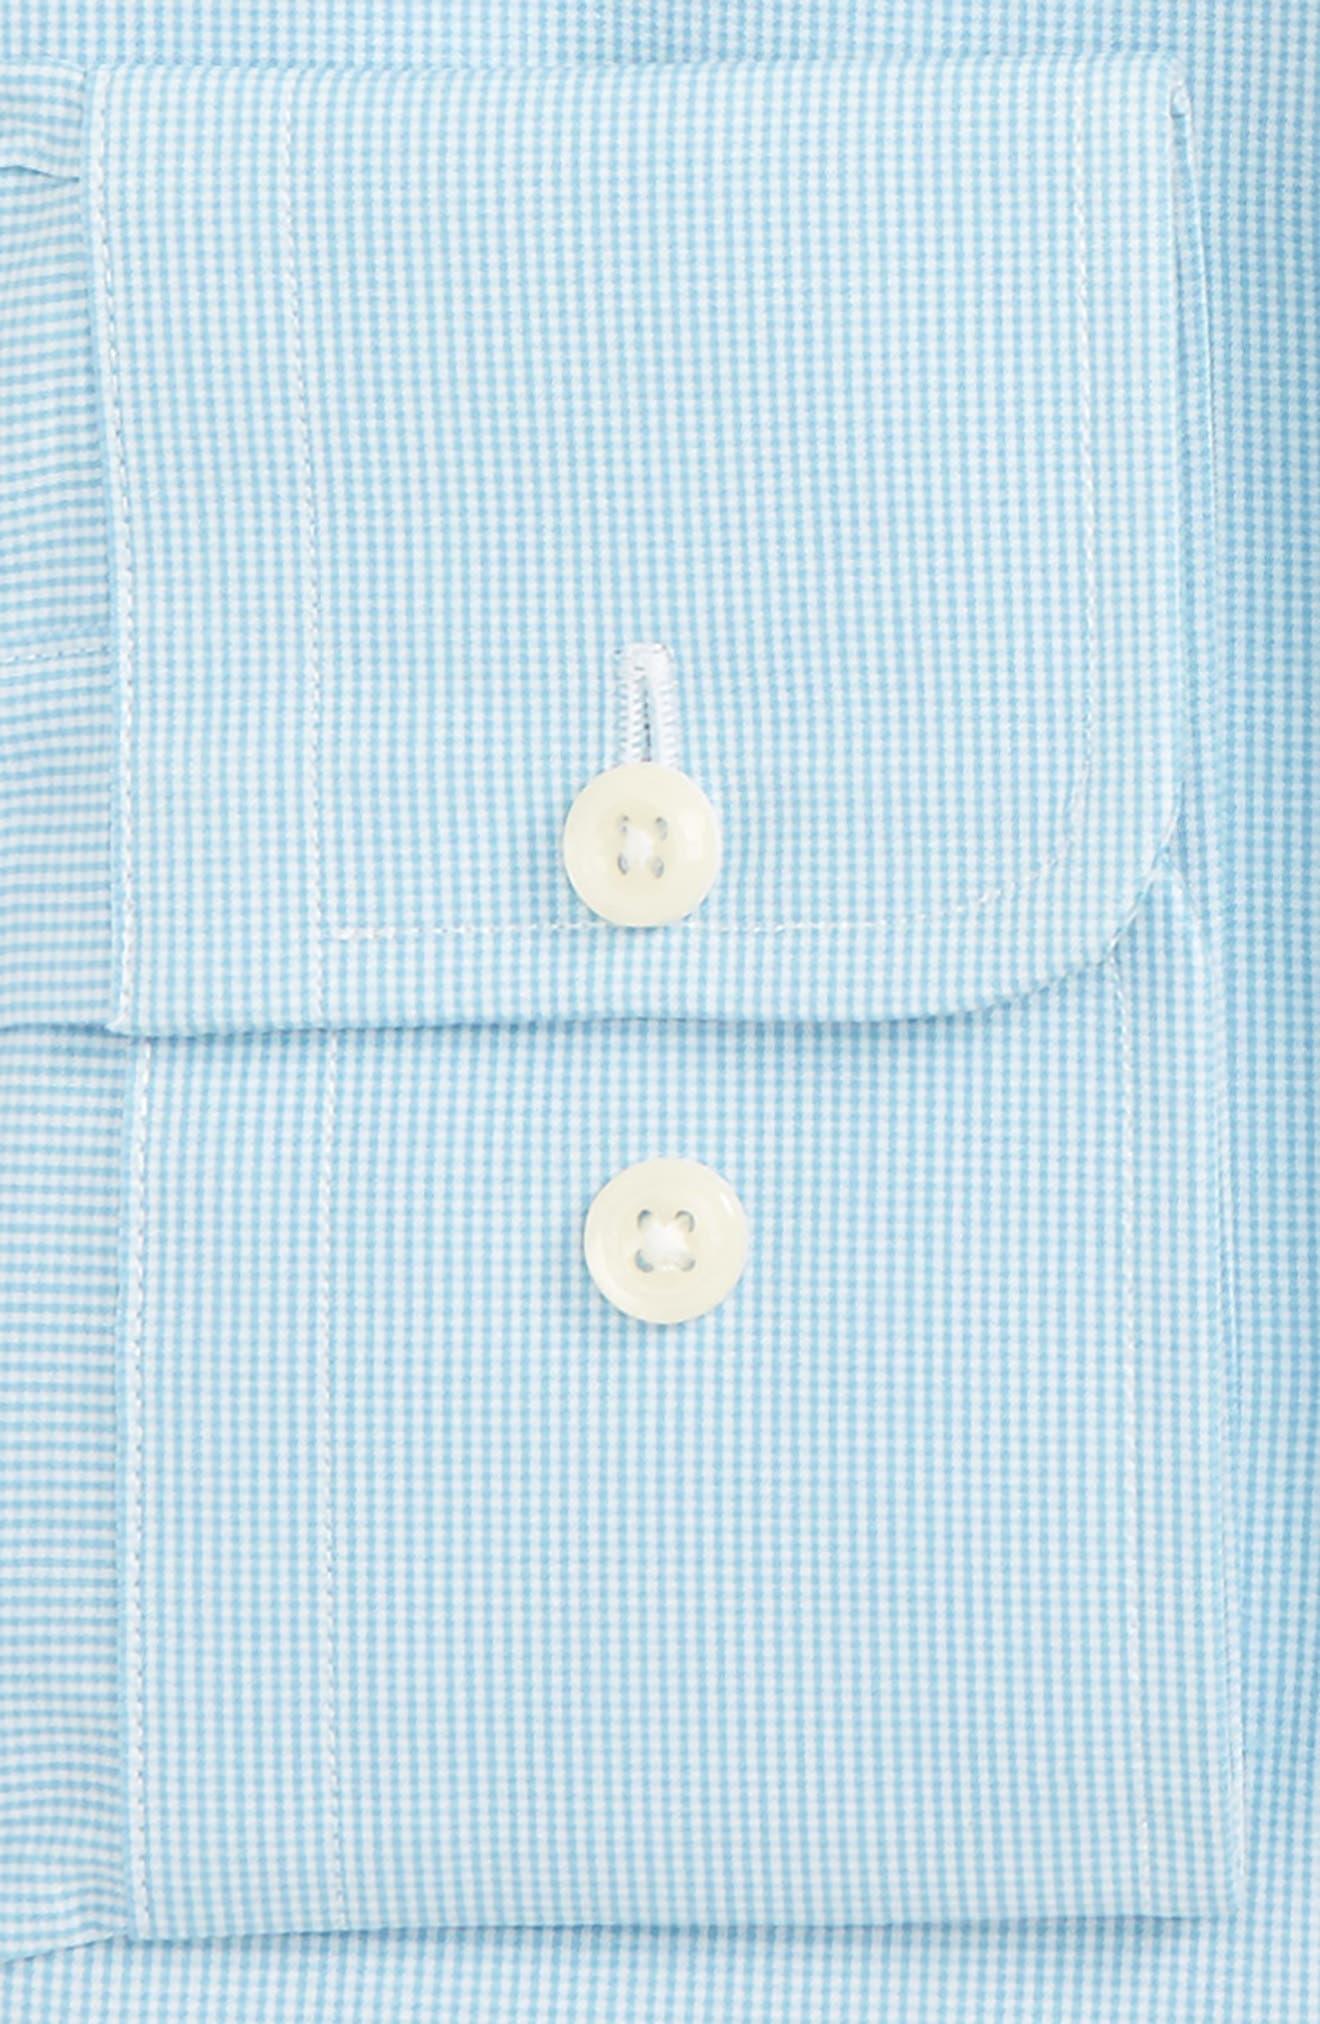 Trim Fit Check Dress Shirt,                             Alternate thumbnail 2, color,                             462